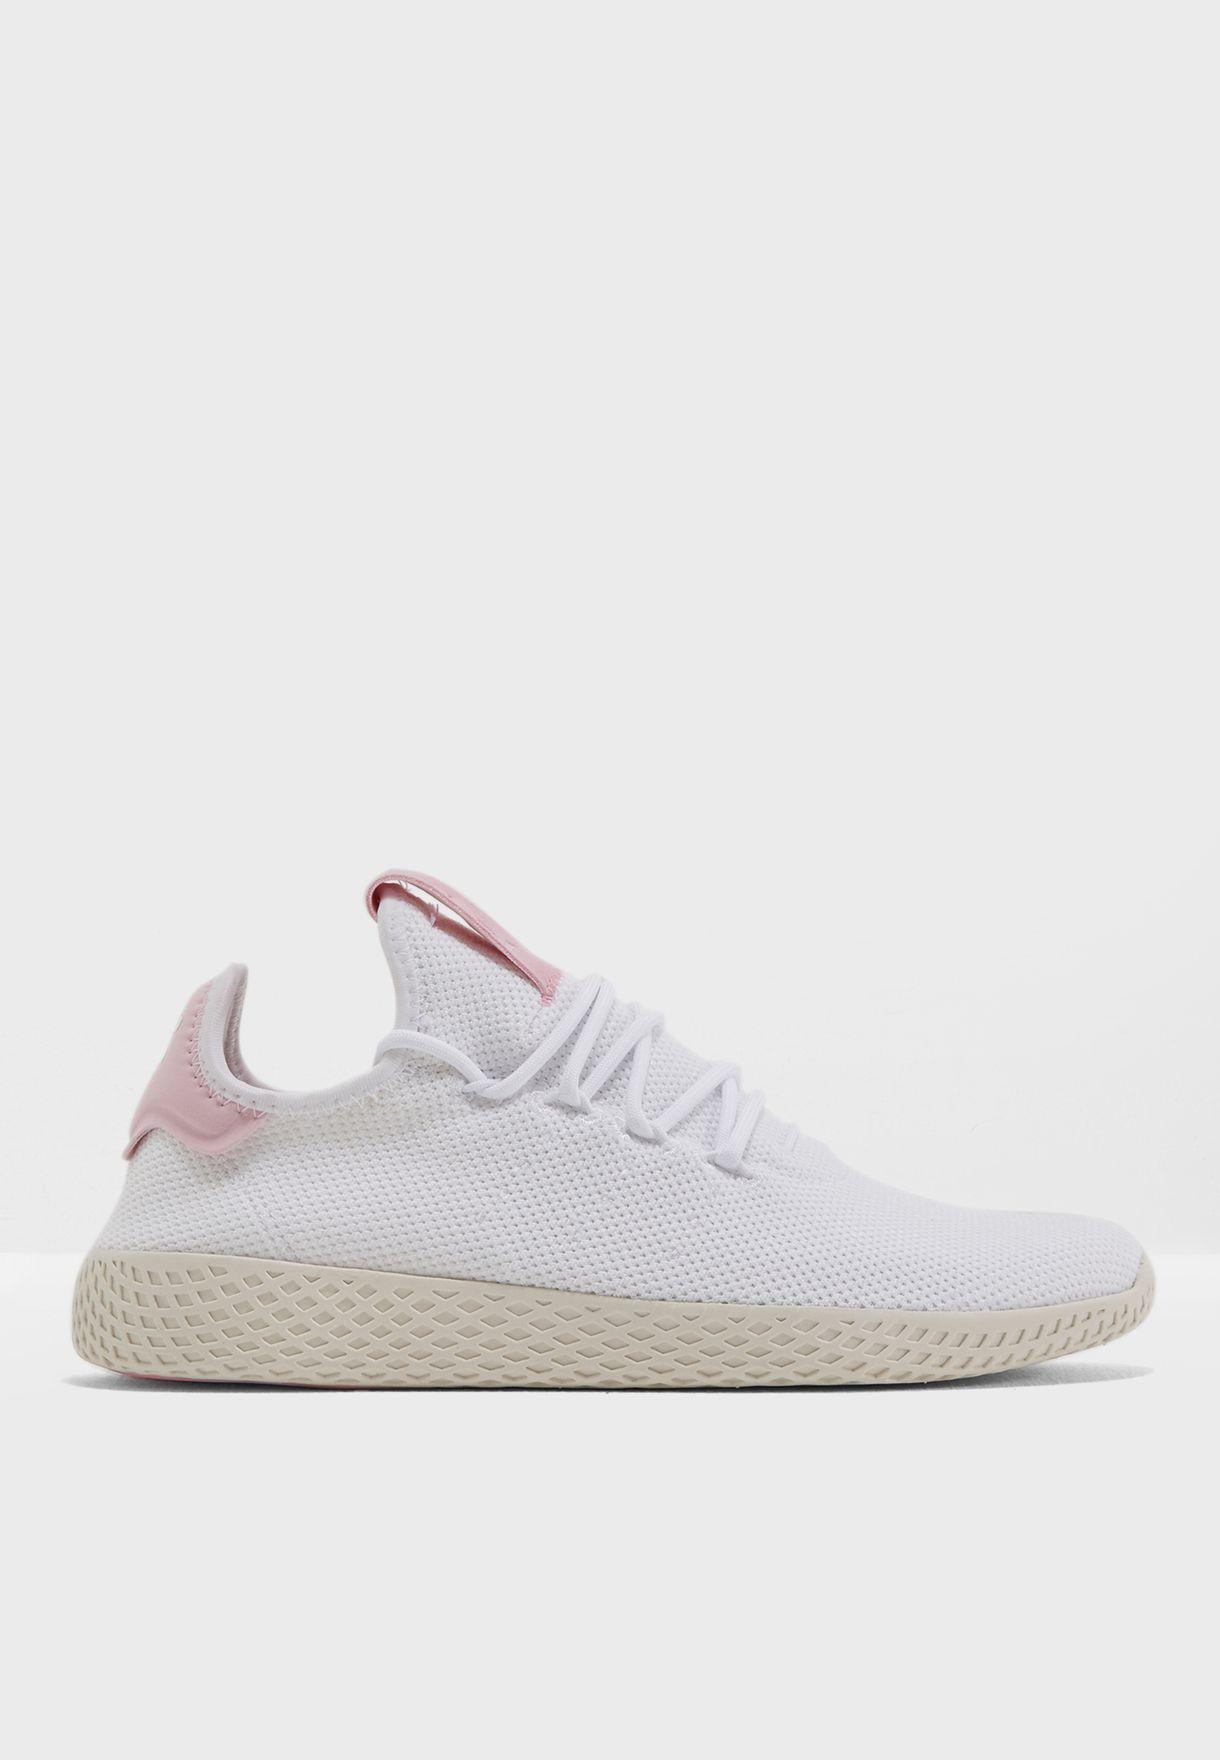 3b310a2ca Shop adidas Originals white Pharrell Williams Hu Tennis DB2558 for ...